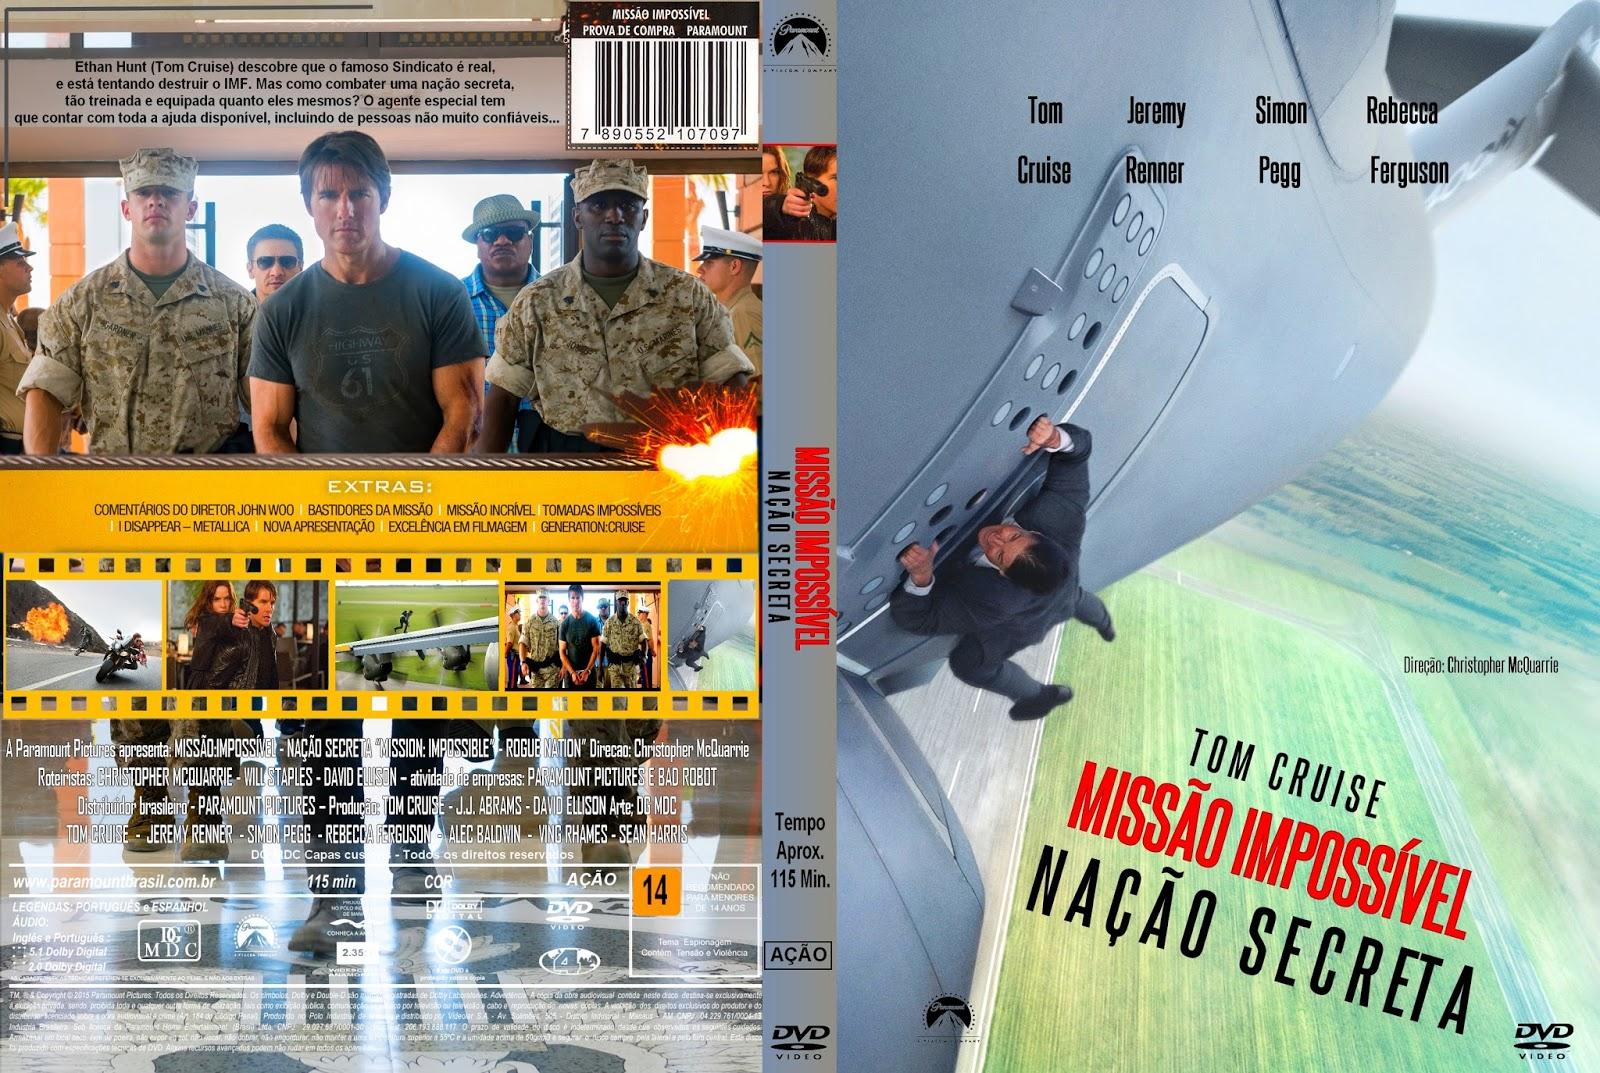 Download Missão Impossível Nação Secreta BDRip XviD Dual Áudio Miss 25C3 25A3o 2BImposs 25C3 25ADvel 2BNa 25C3 25A7 25C3 25A3o 2BSecreta